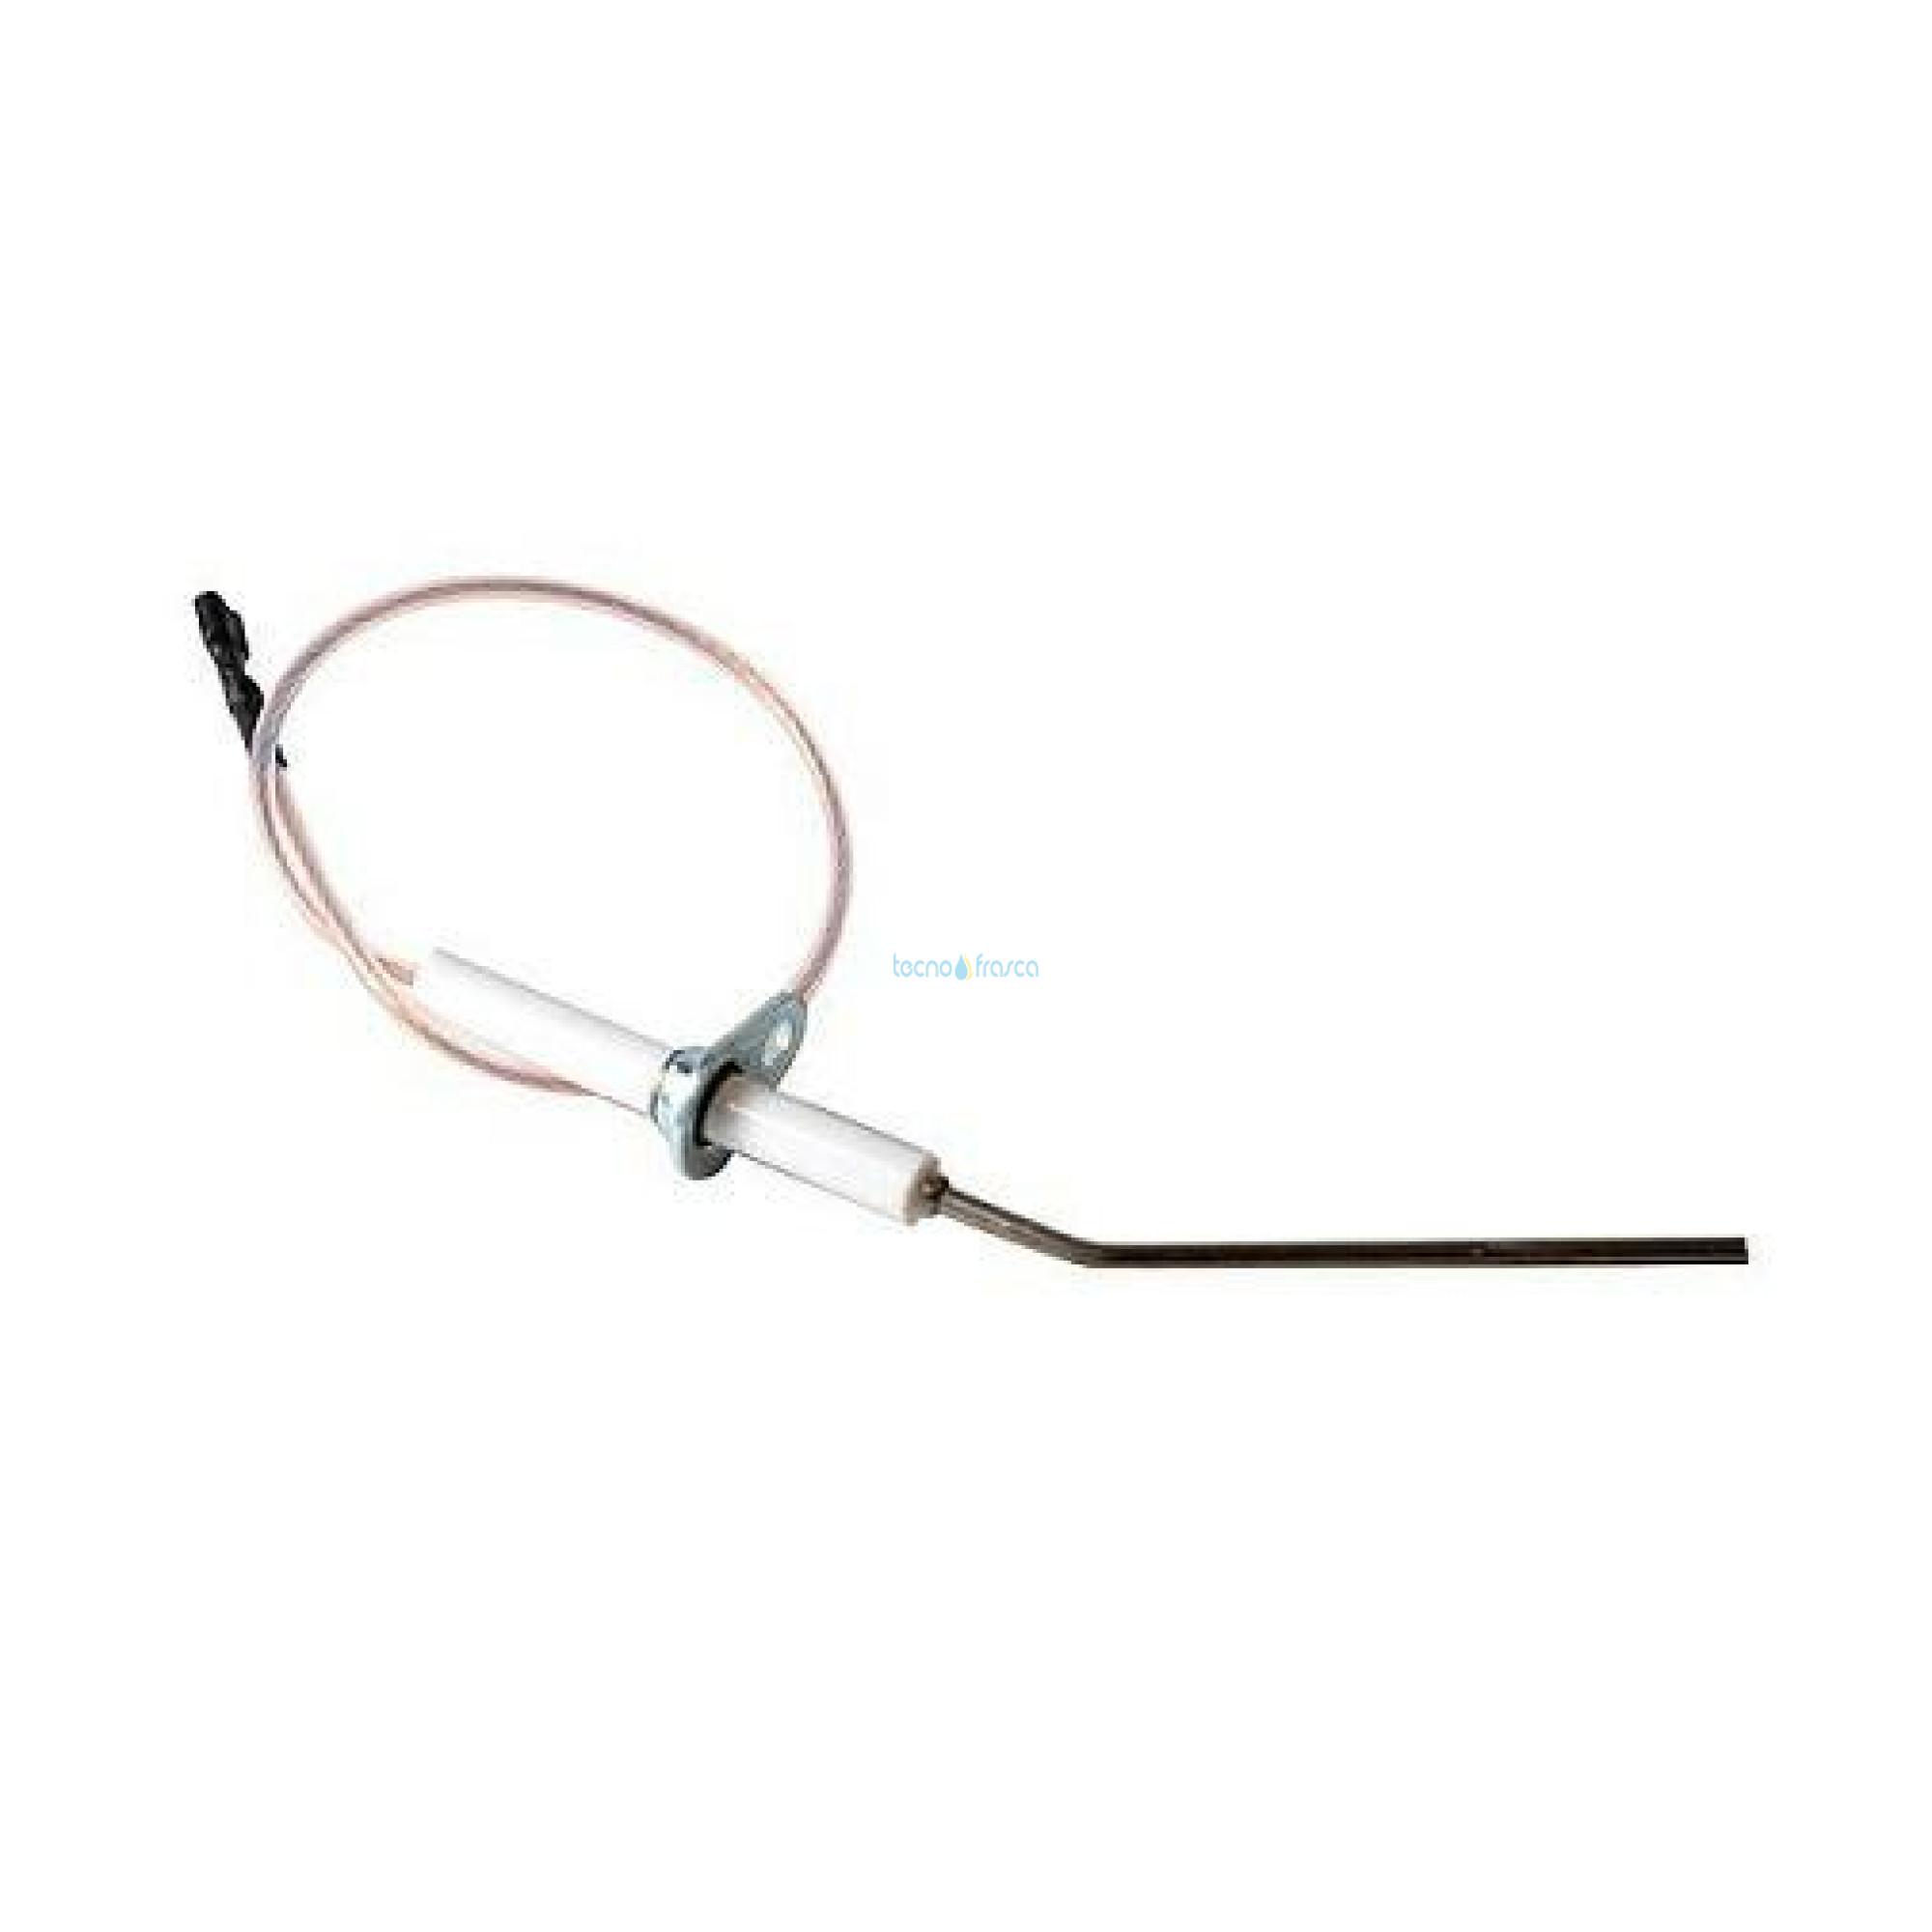 Riello elettrodo di rilevazione con cavo 4050365